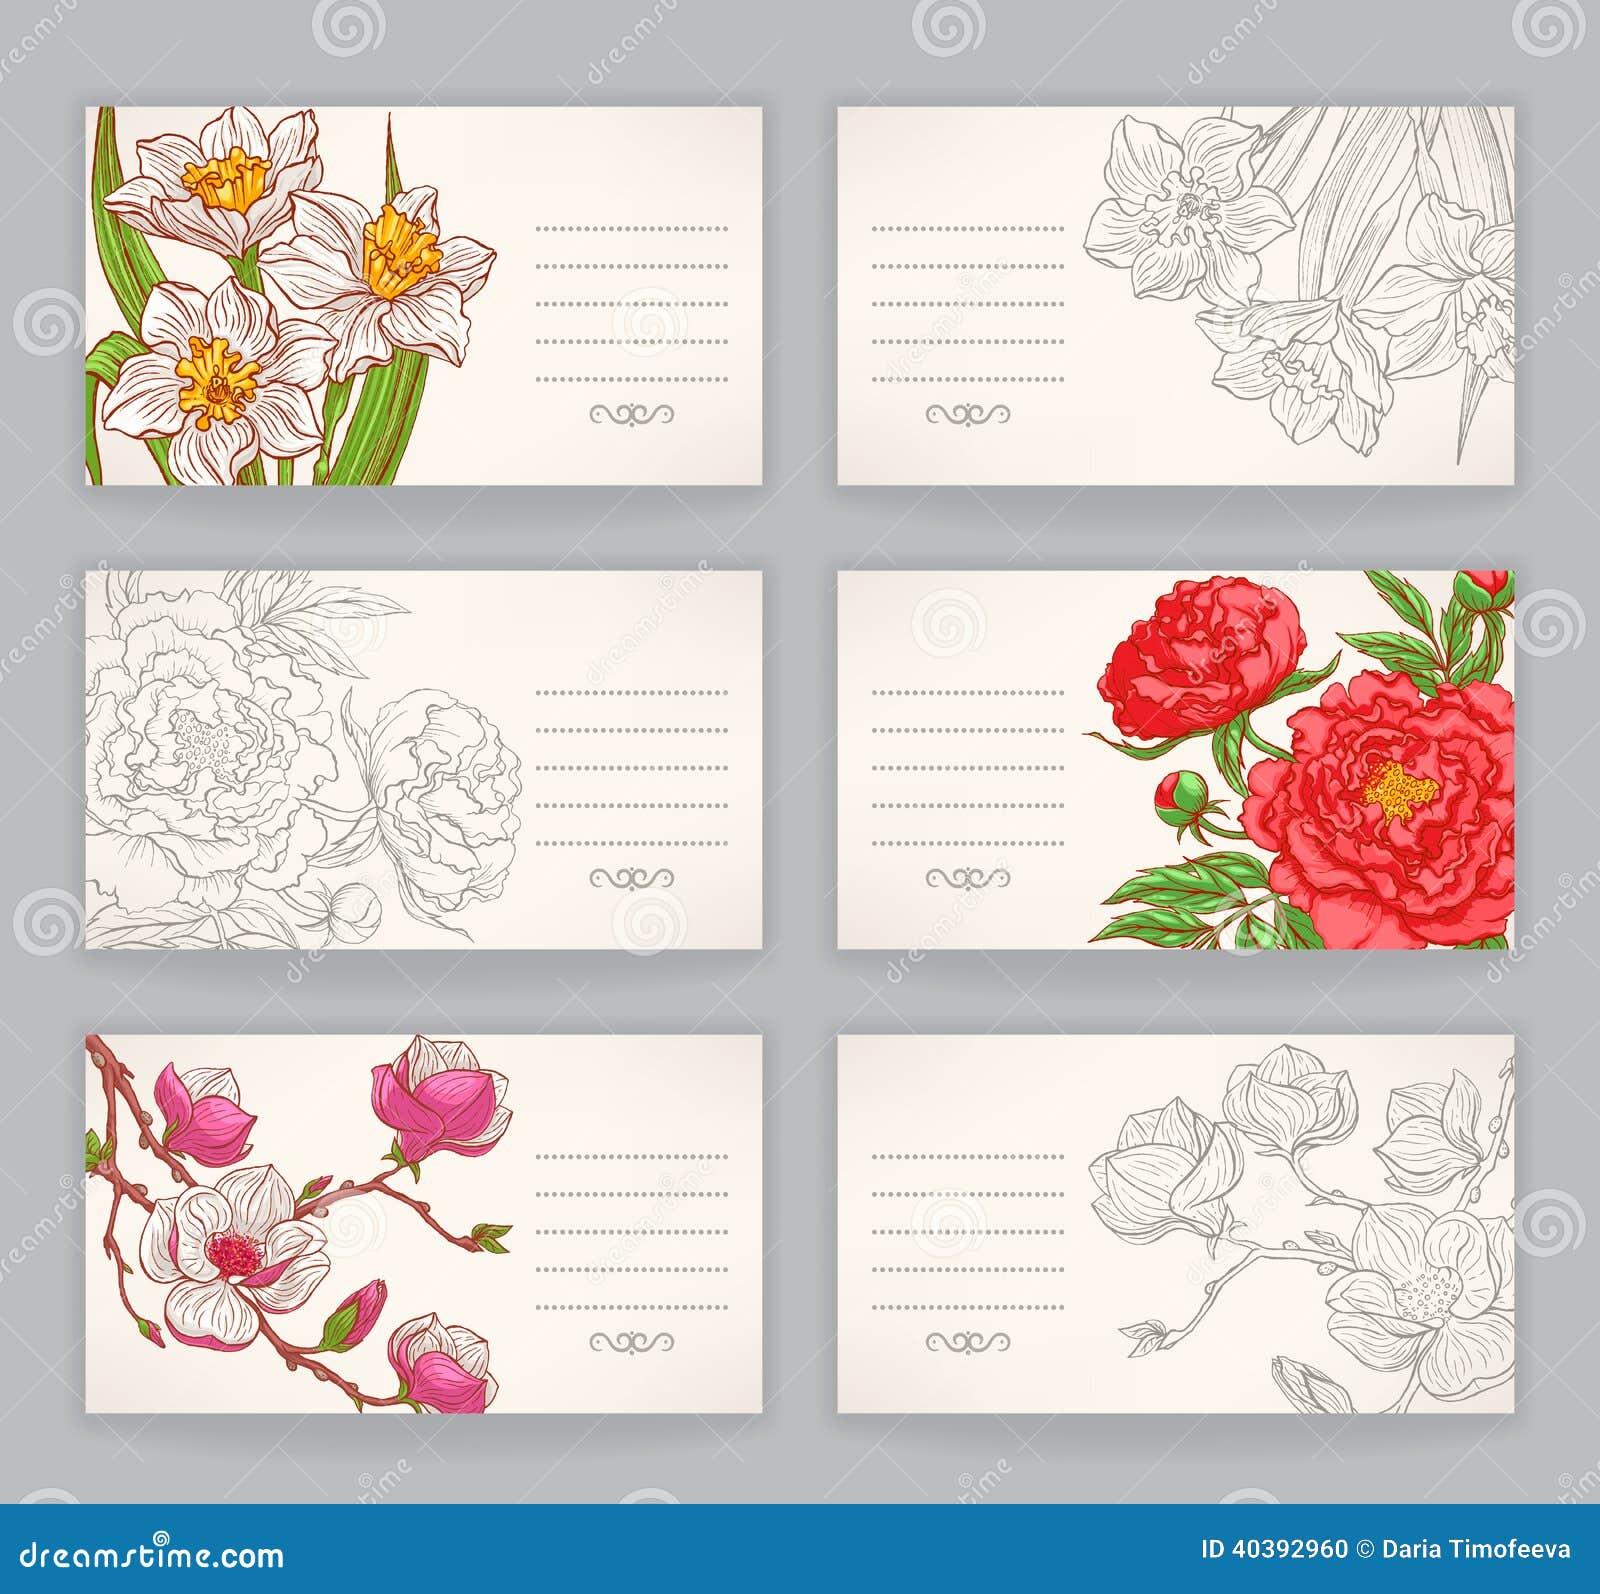 Cartes De Visite Professionnelle Avec Des Fleurs